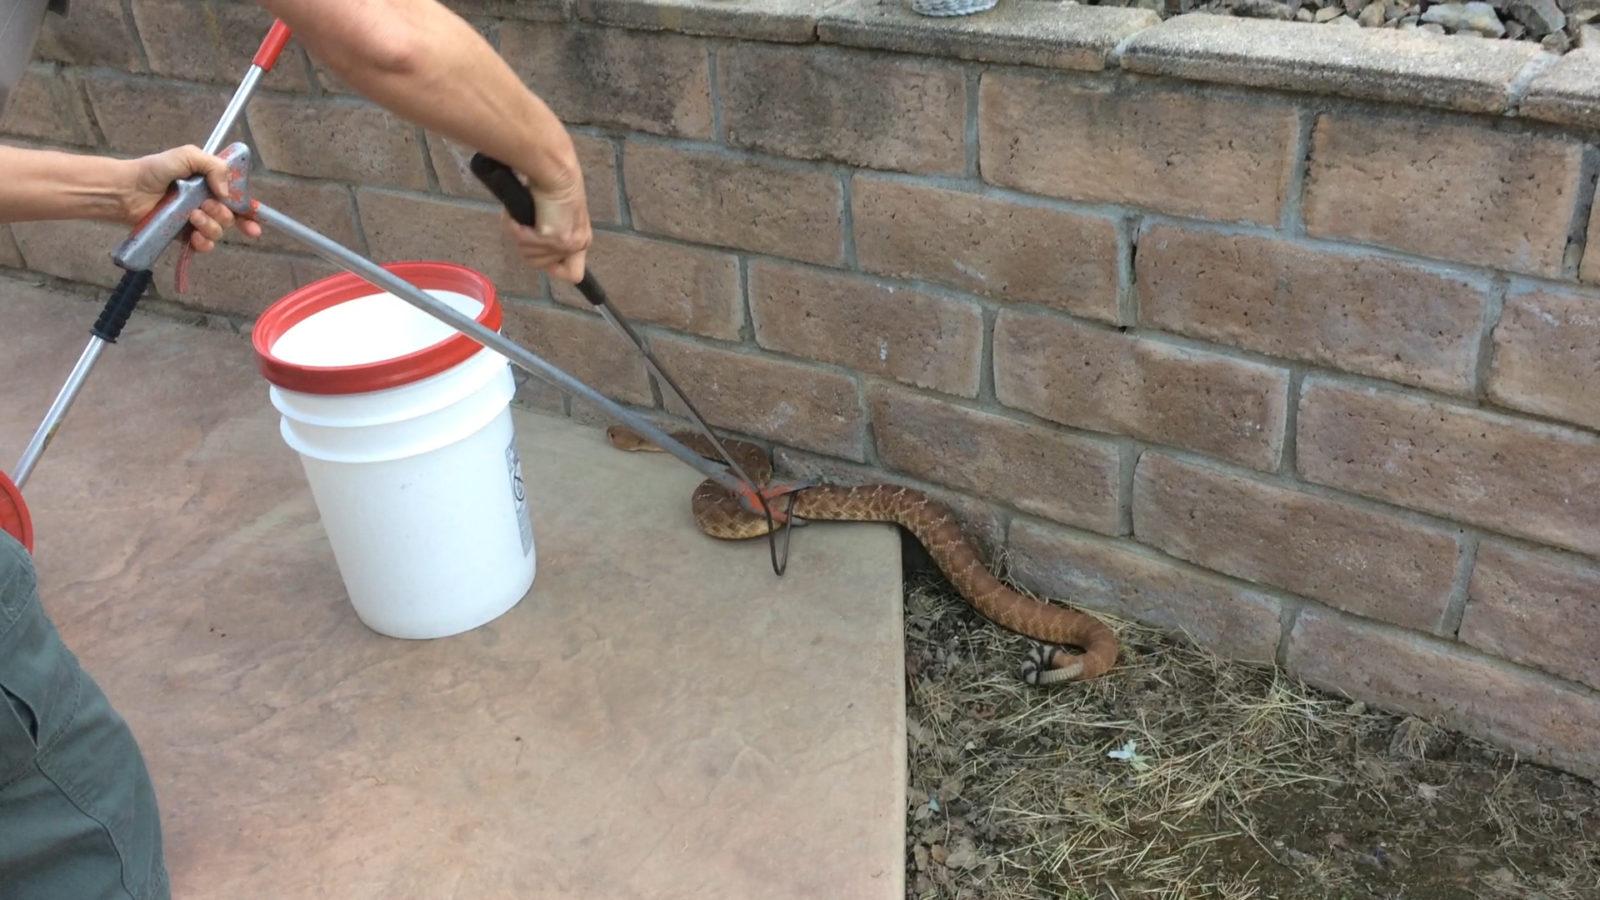 rattlesnake_RanchoPenasquitos_DAS_041317